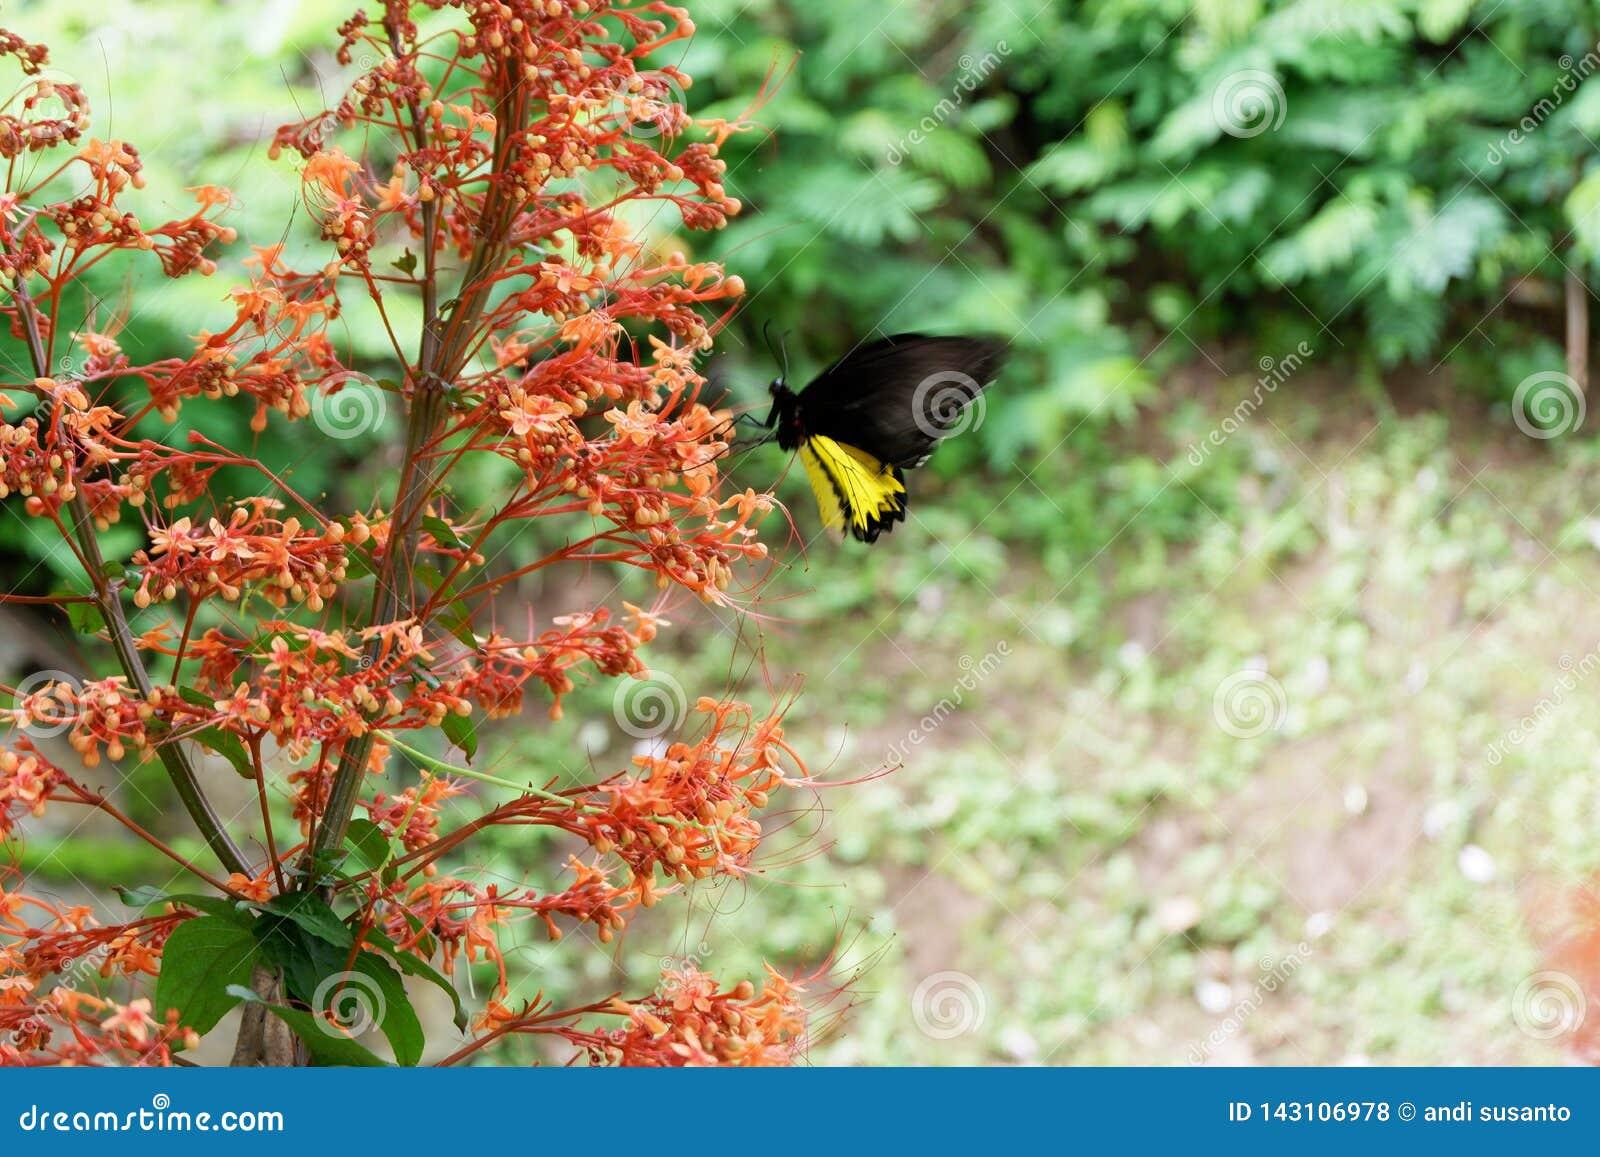 Schwarze Schmetterlinge hocken auf roten Blumen